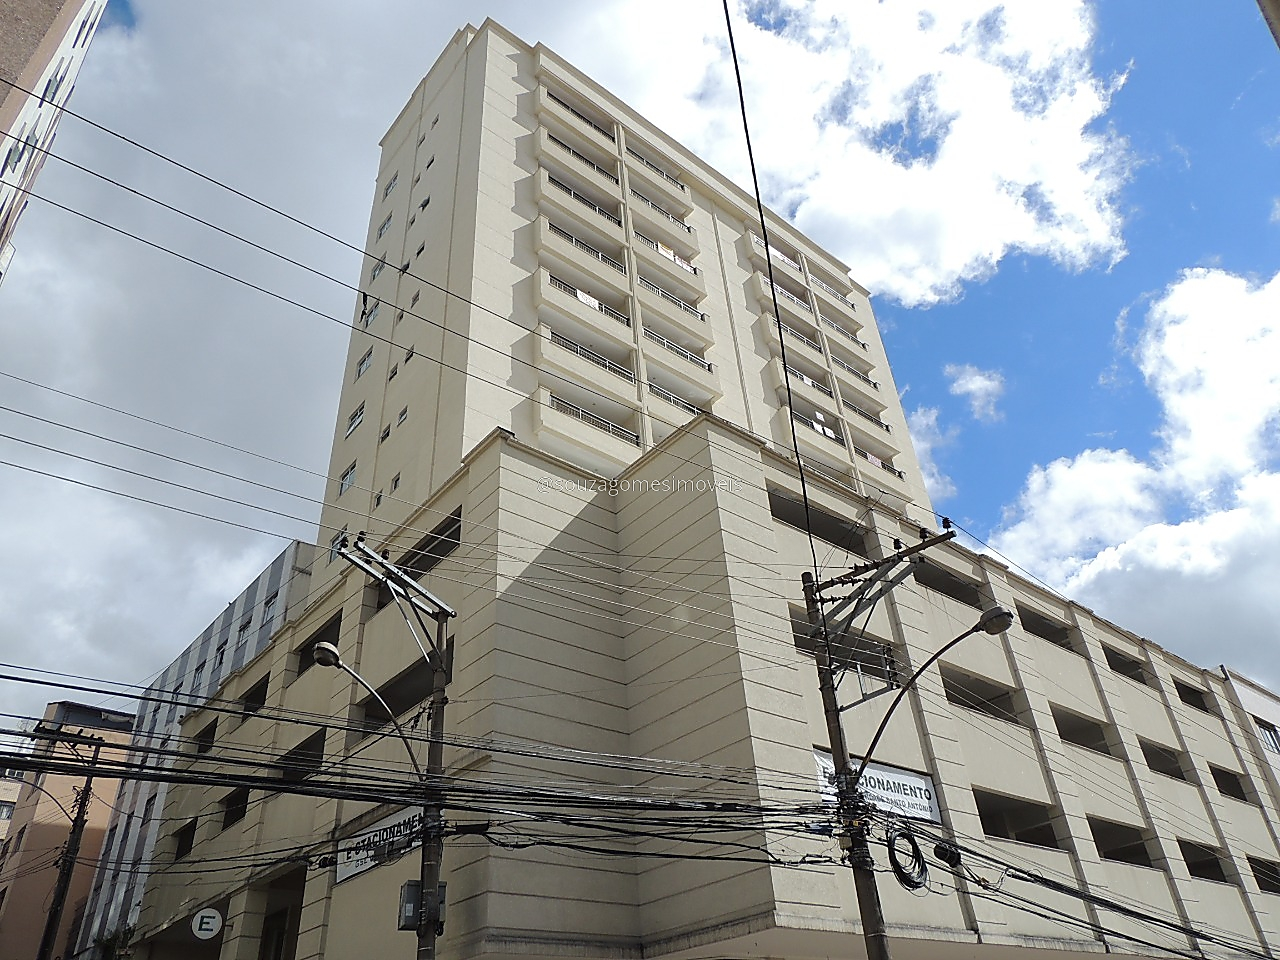 Ref.: 1065 - Quitinete 1 qto - Centro